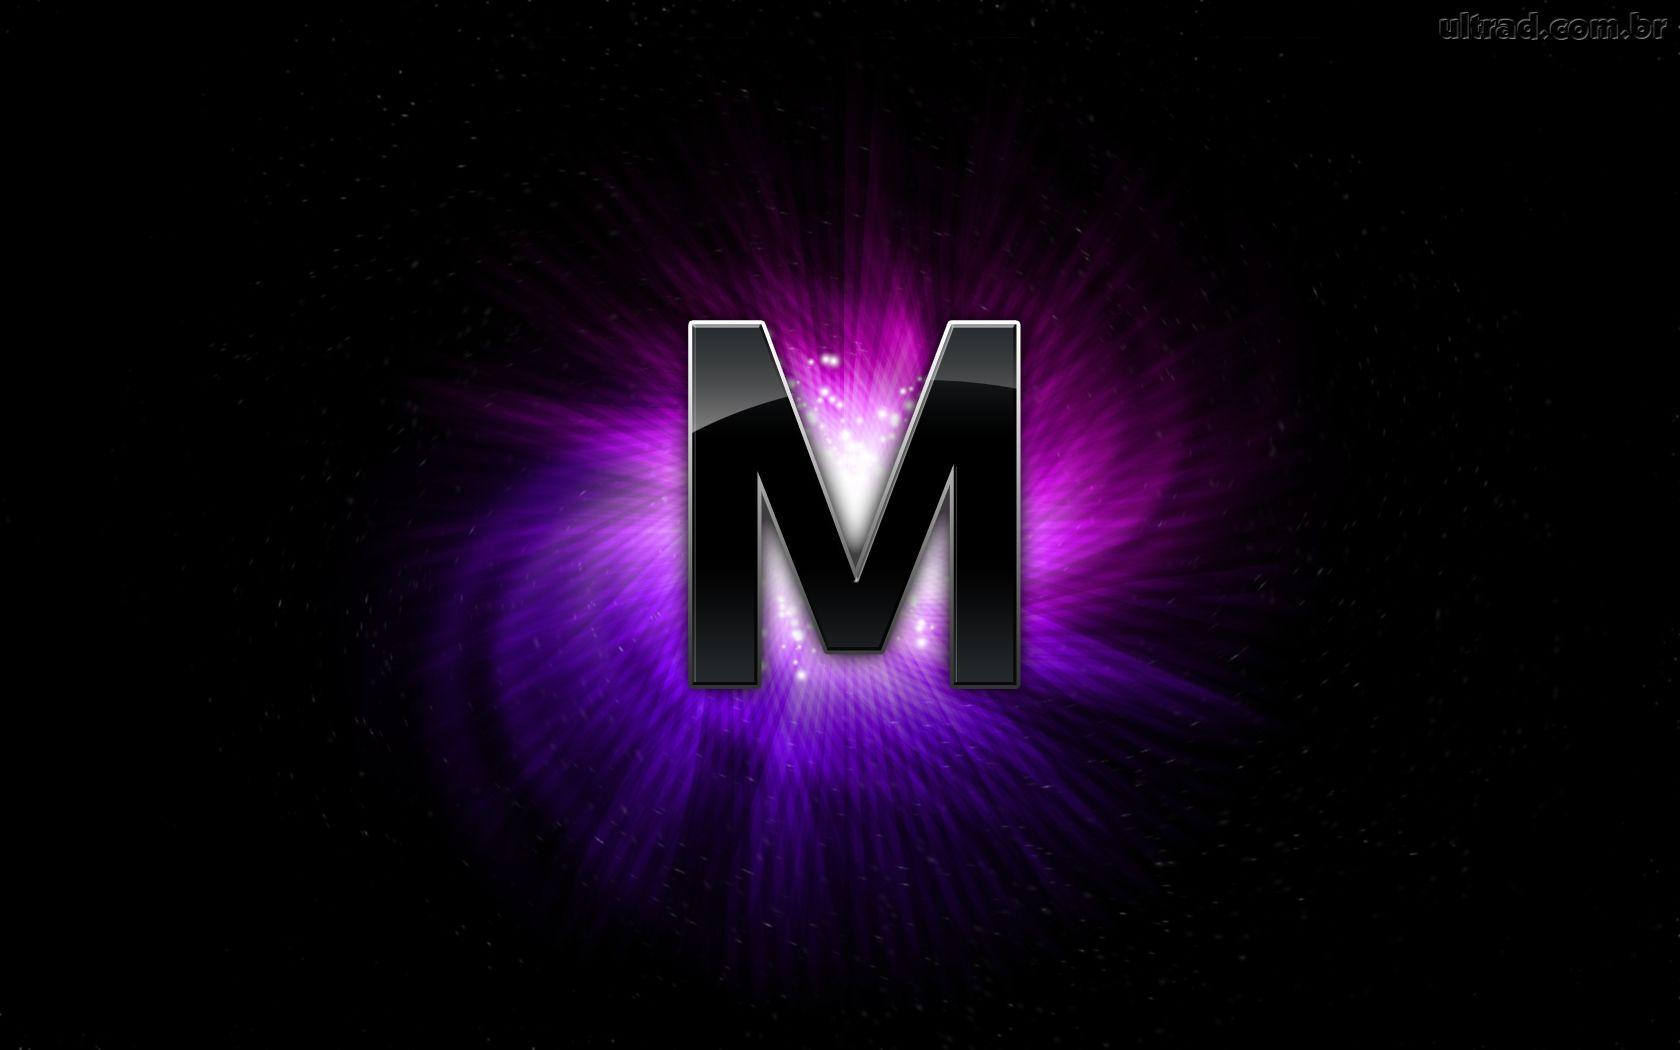 m images - photo #13